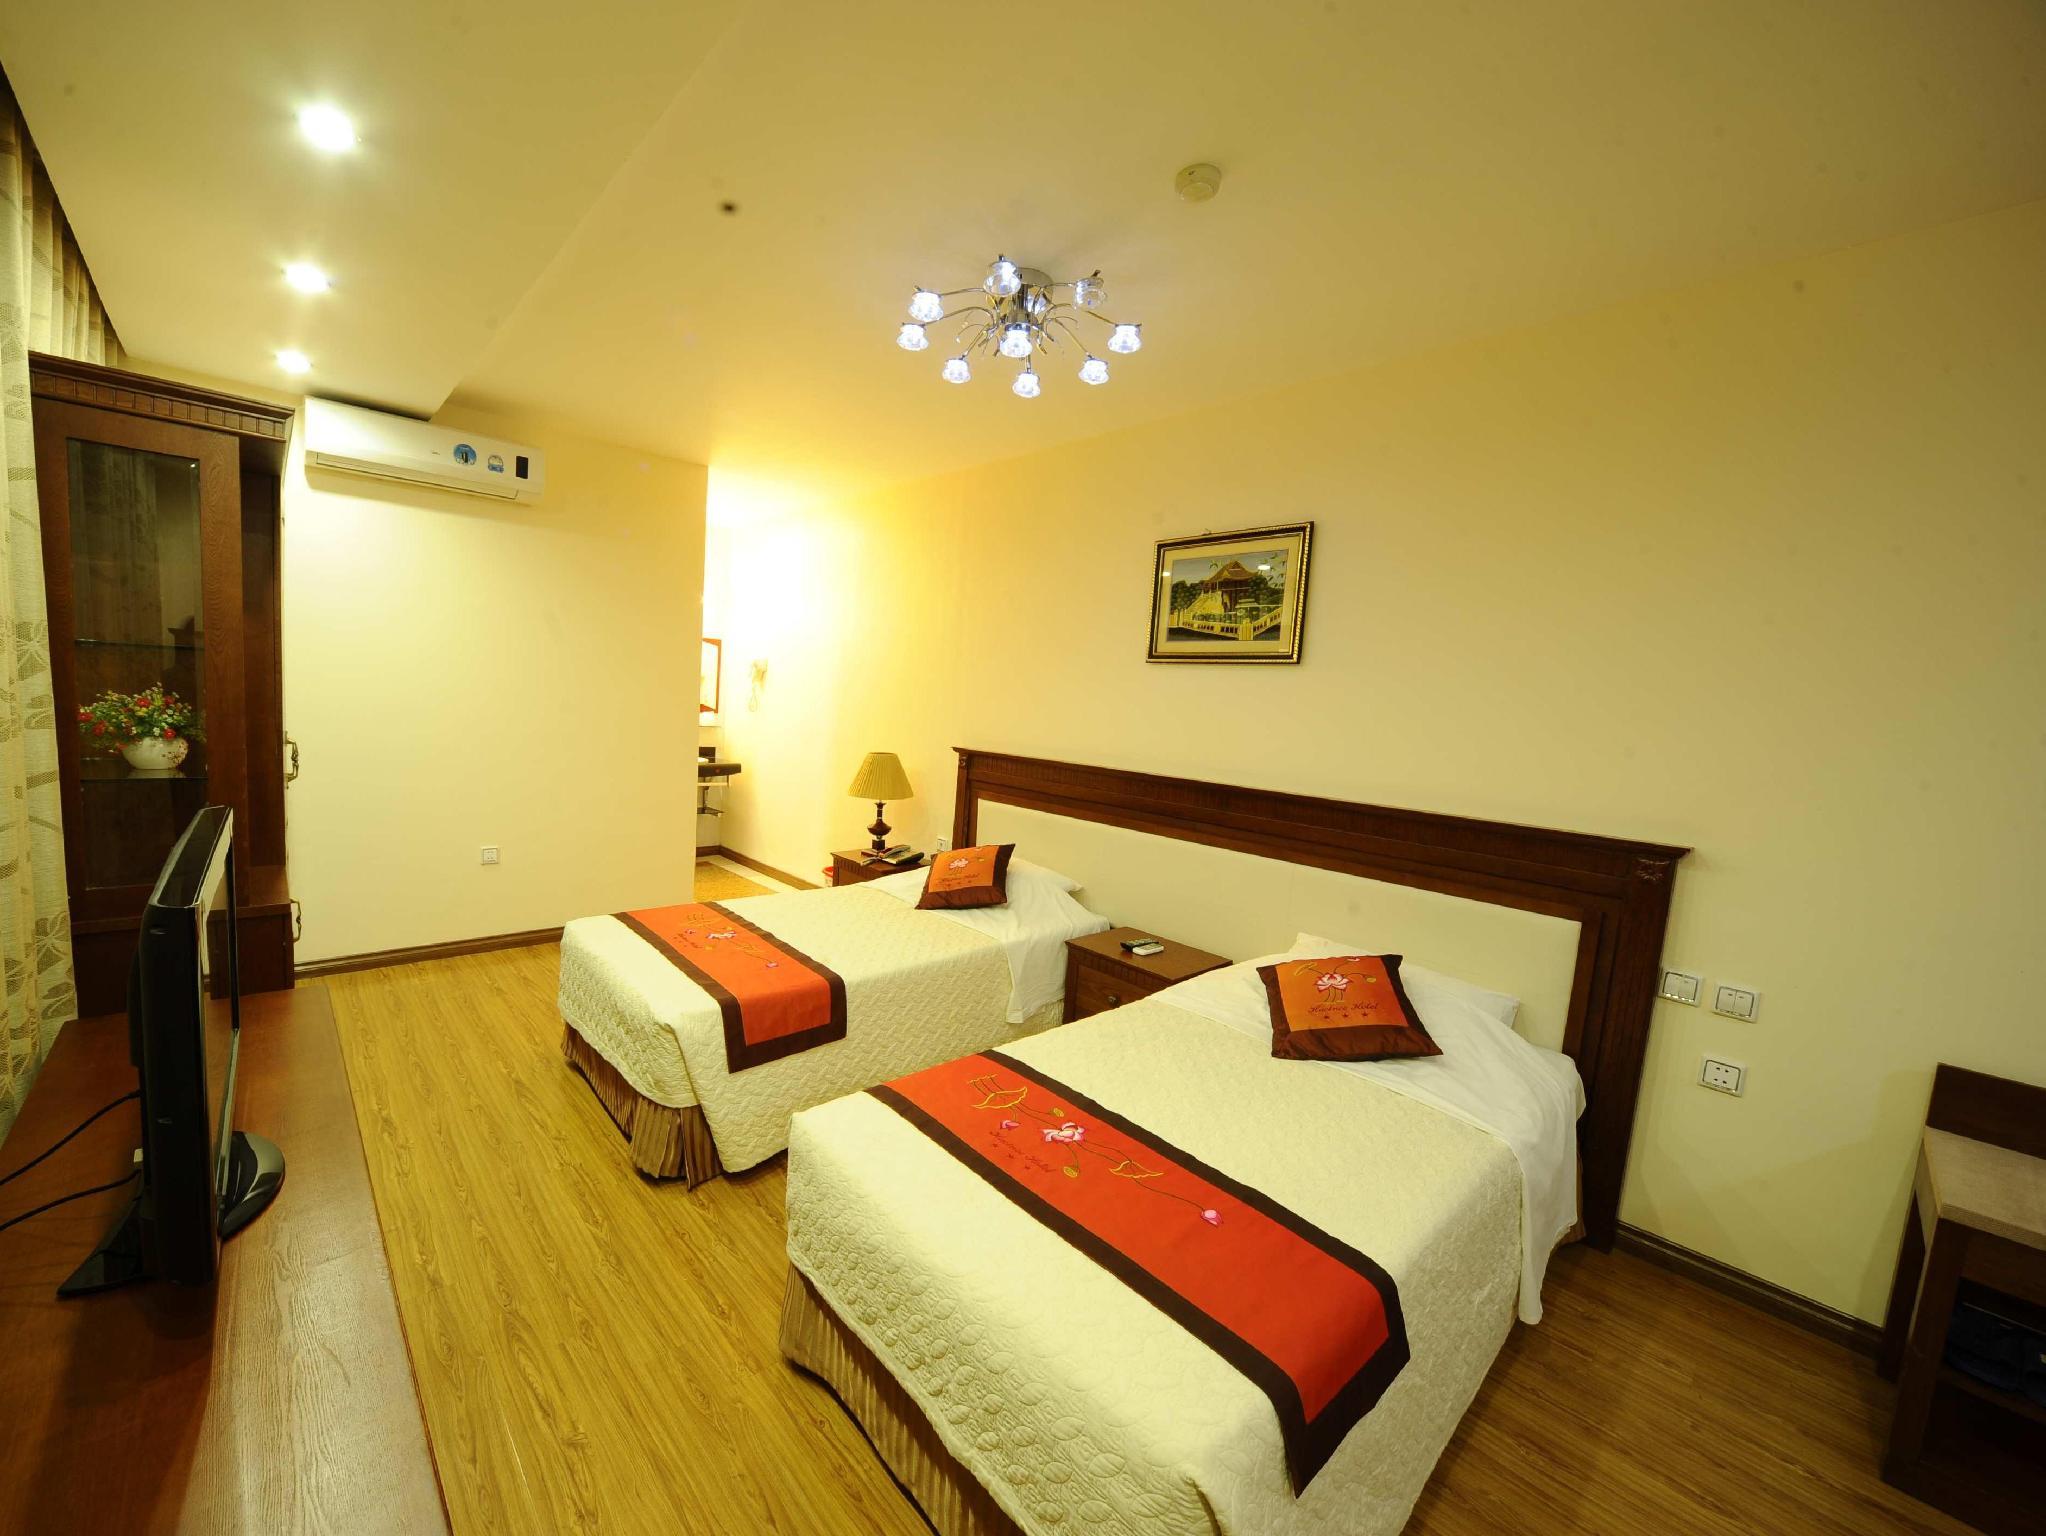 Hacinco Hotel - Hotell och Boende i Vietnam , Hanoi